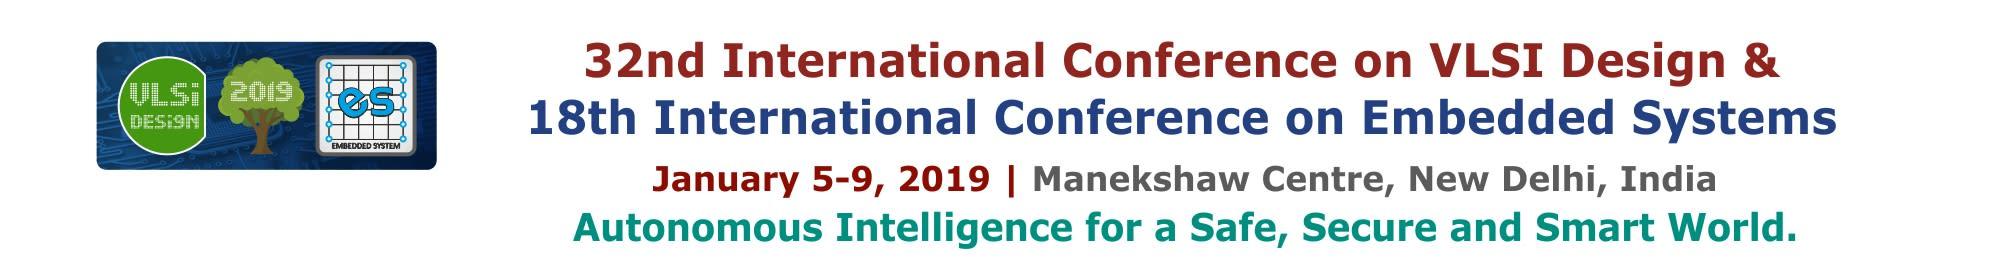 32nd International Conference On Vlsi Design And 18th International Conference On Embedded Systems Vlsid 2019 2019 01 05 Crunchbase Event Profile